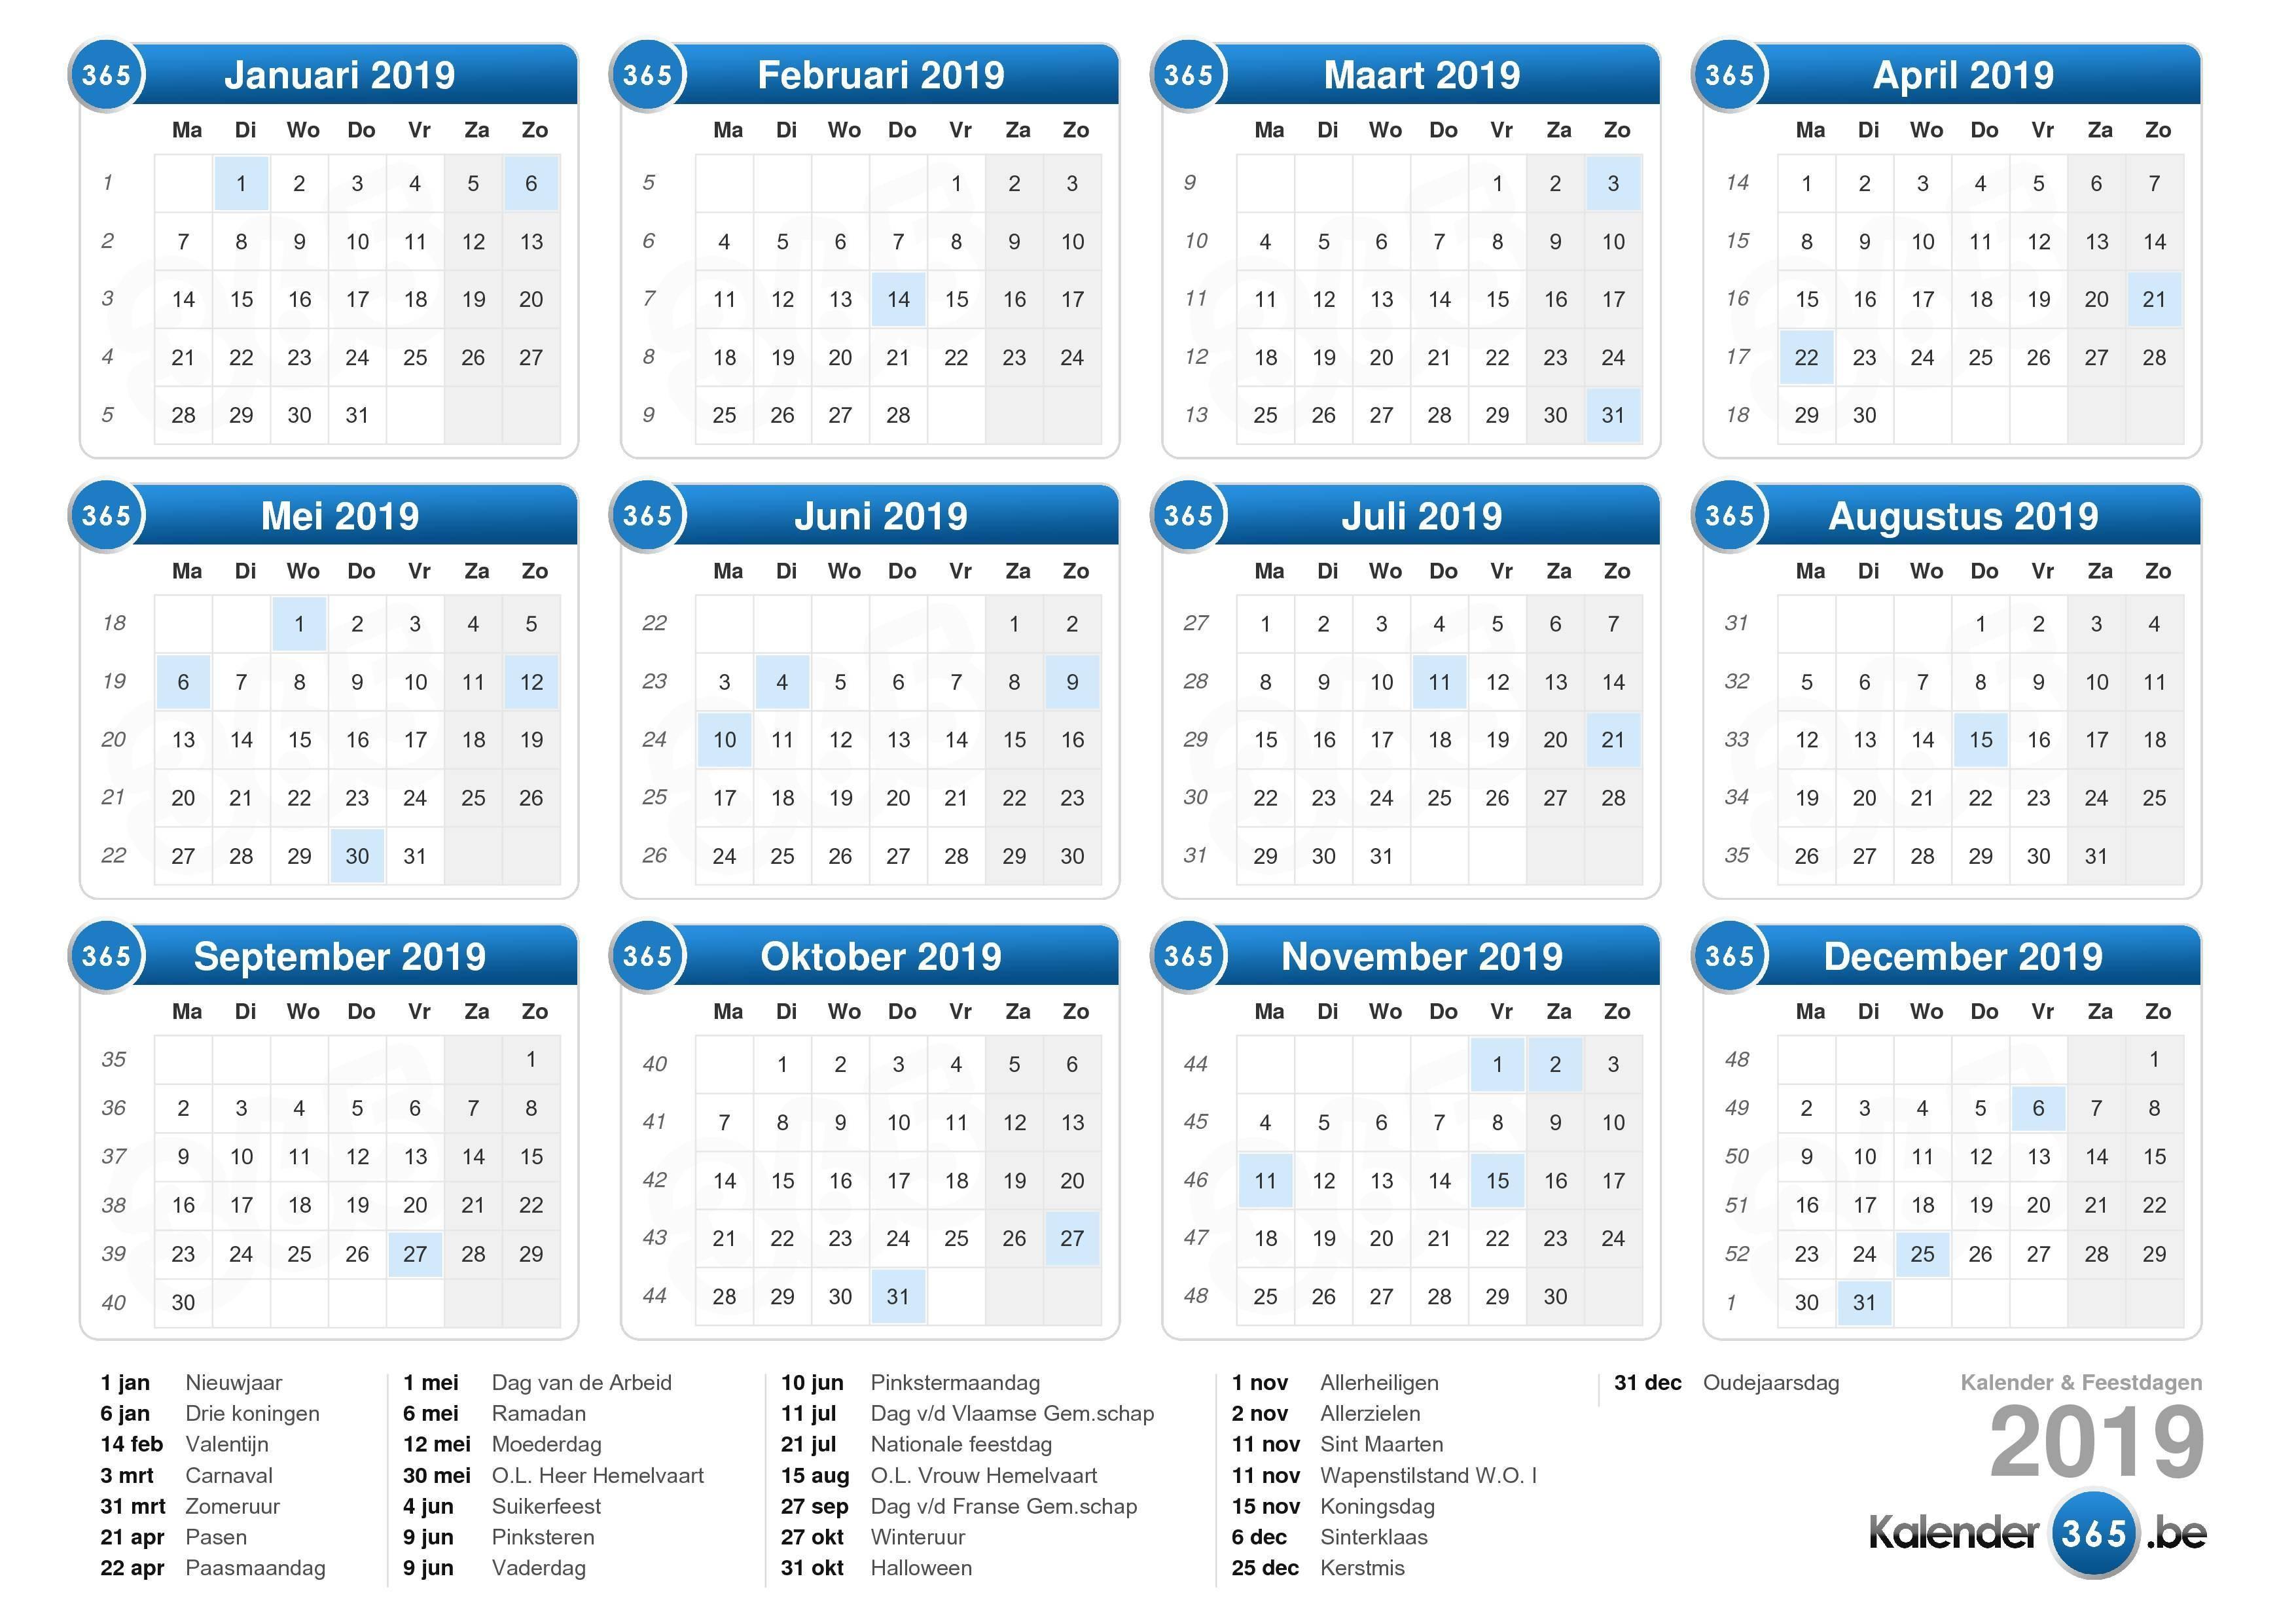 Kalender 2019 Mei Juni Más Arriba-a-fecha Kalender 2019